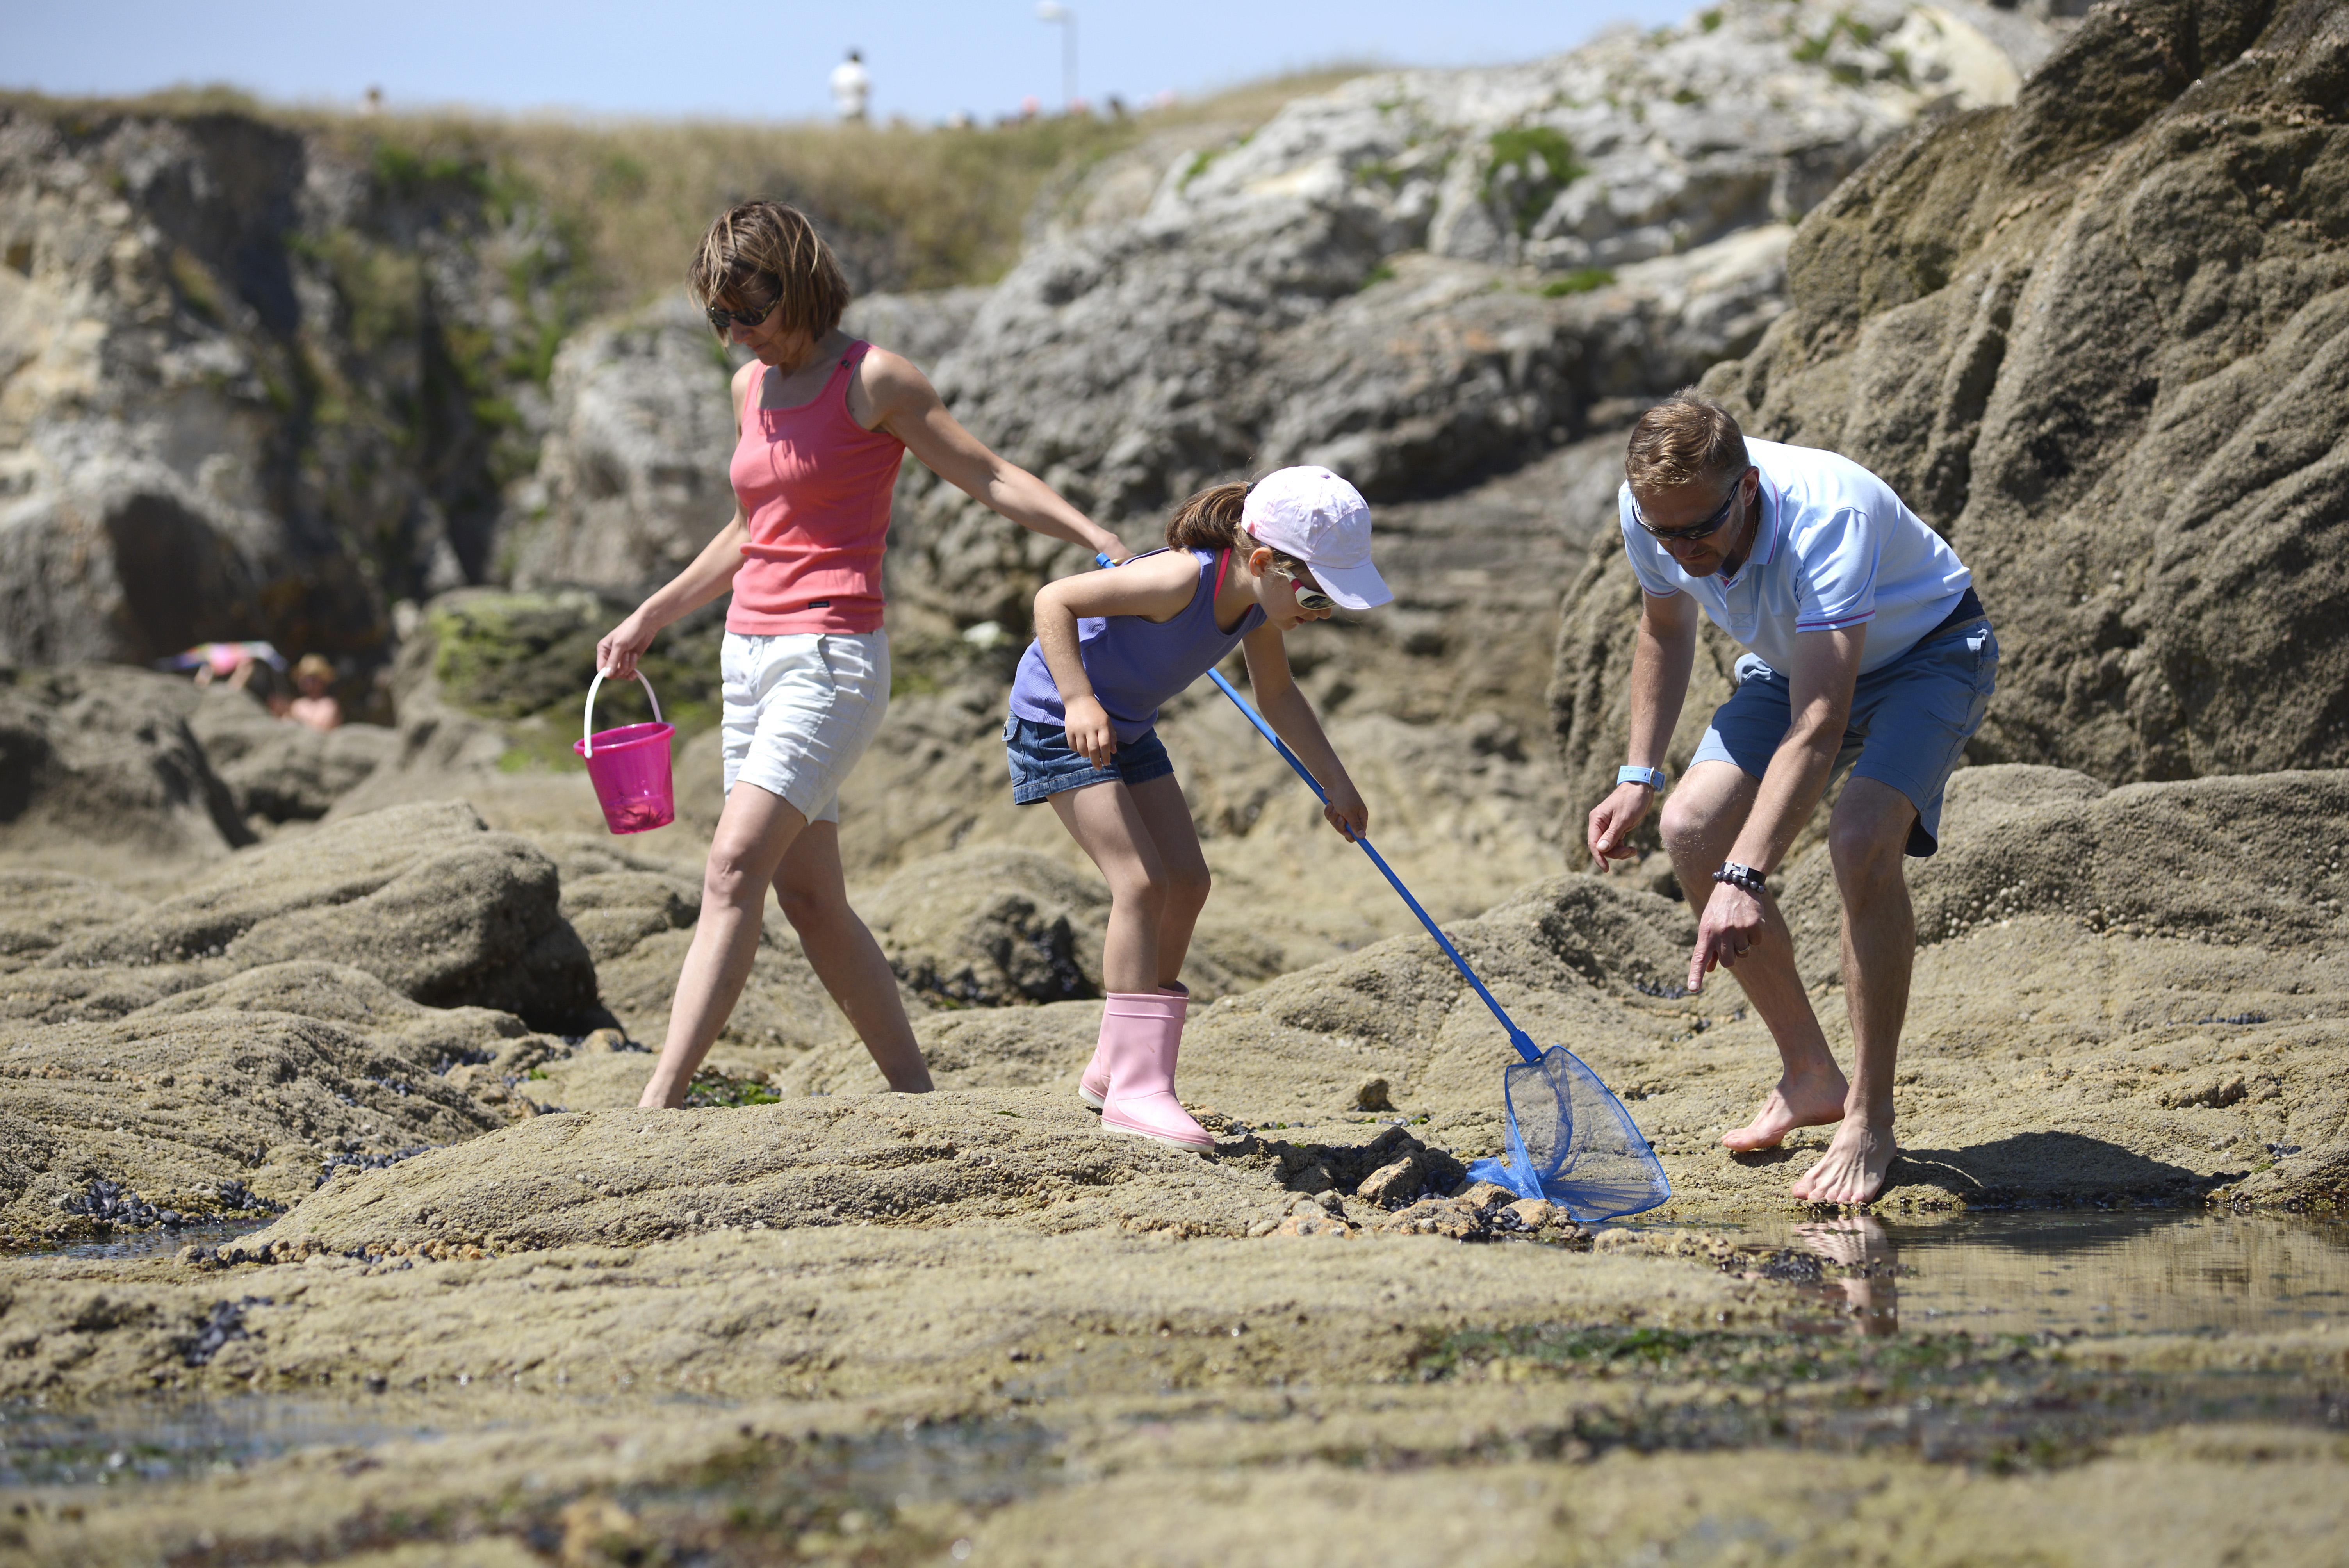 Découvrir les richesses du littoral en s'amusant !